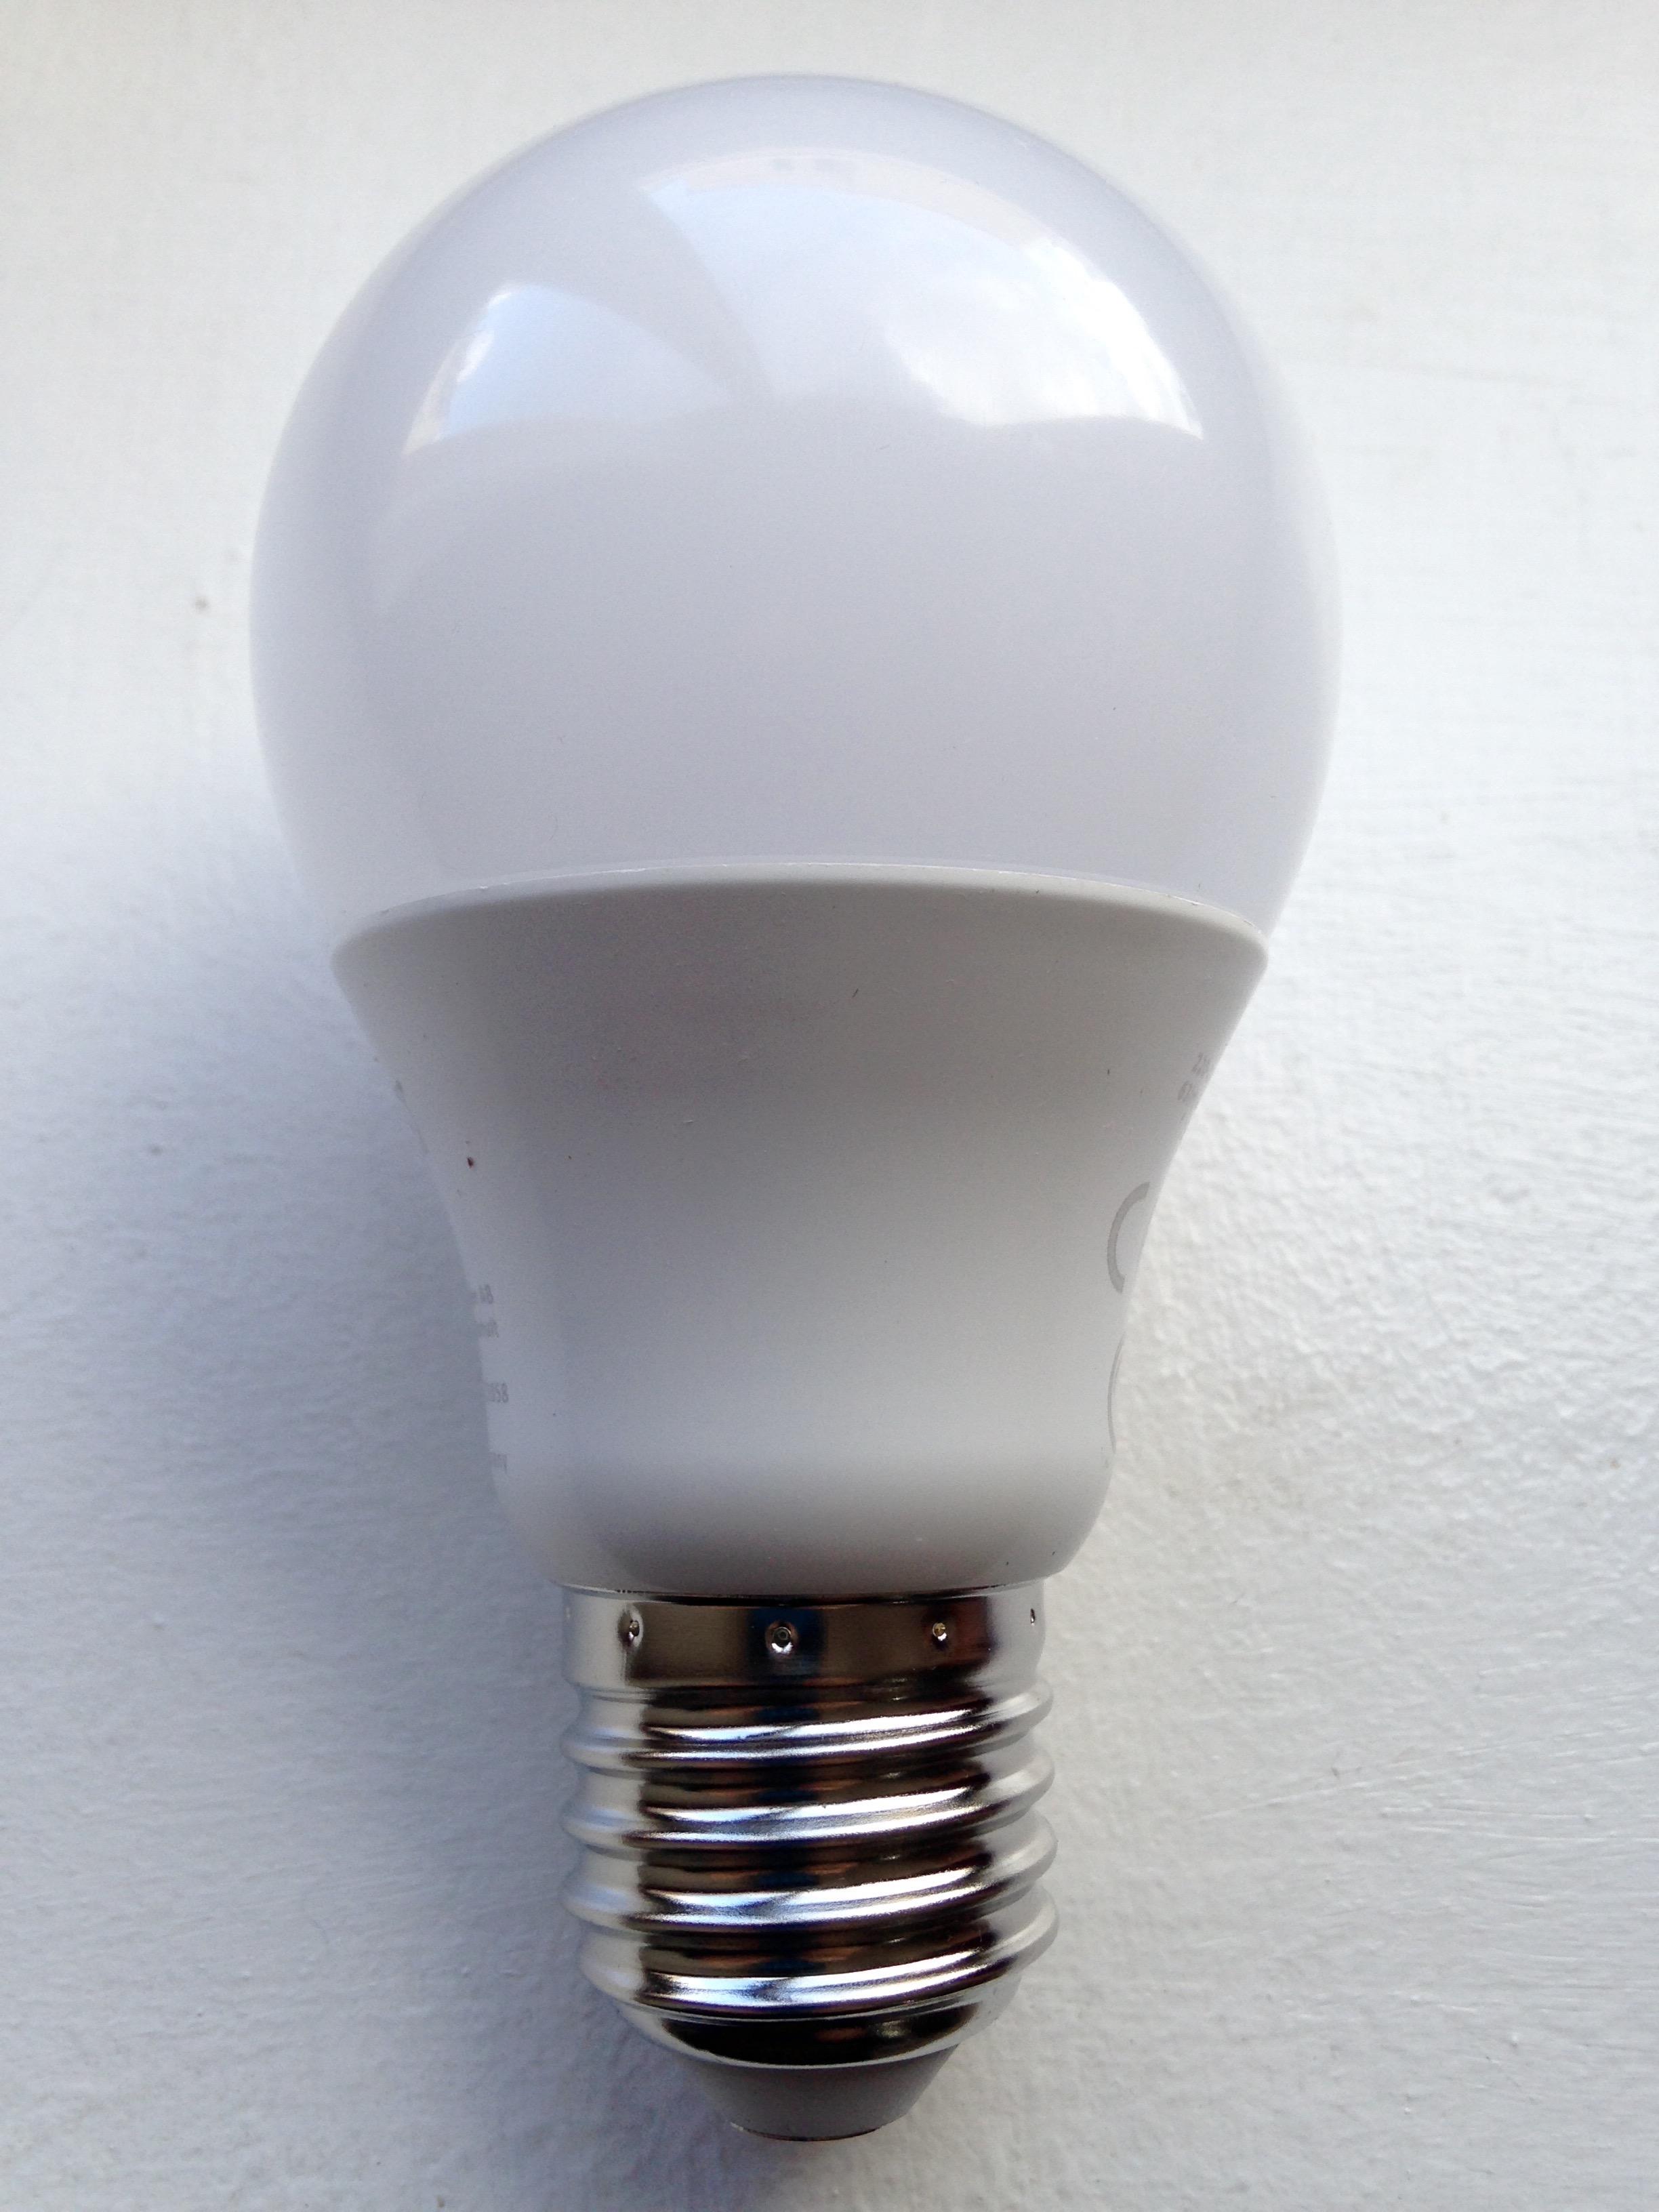 les ampoules led sont elles dangereuses pour les yeux des enfants nos enfants et les. Black Bedroom Furniture Sets. Home Design Ideas